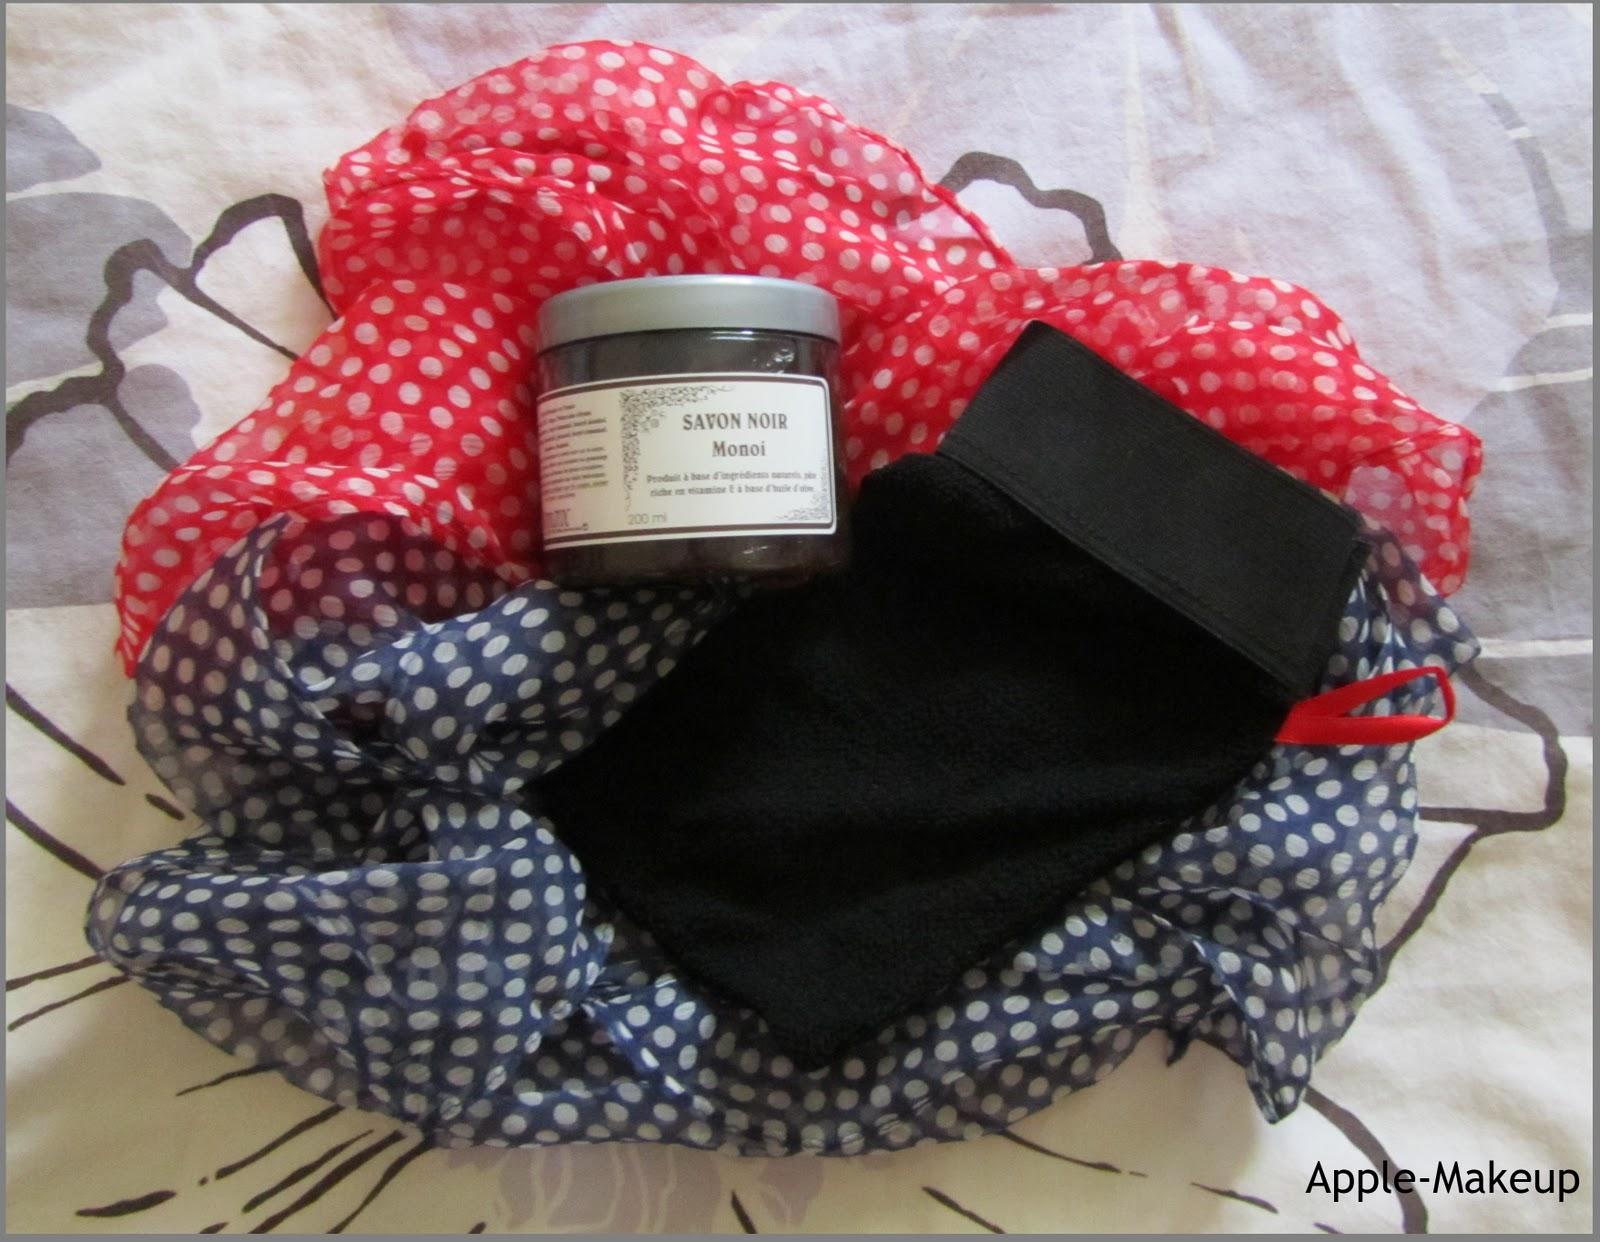 apple makeup test du savon noir au mono d 39 aromaroc. Black Bedroom Furniture Sets. Home Design Ideas